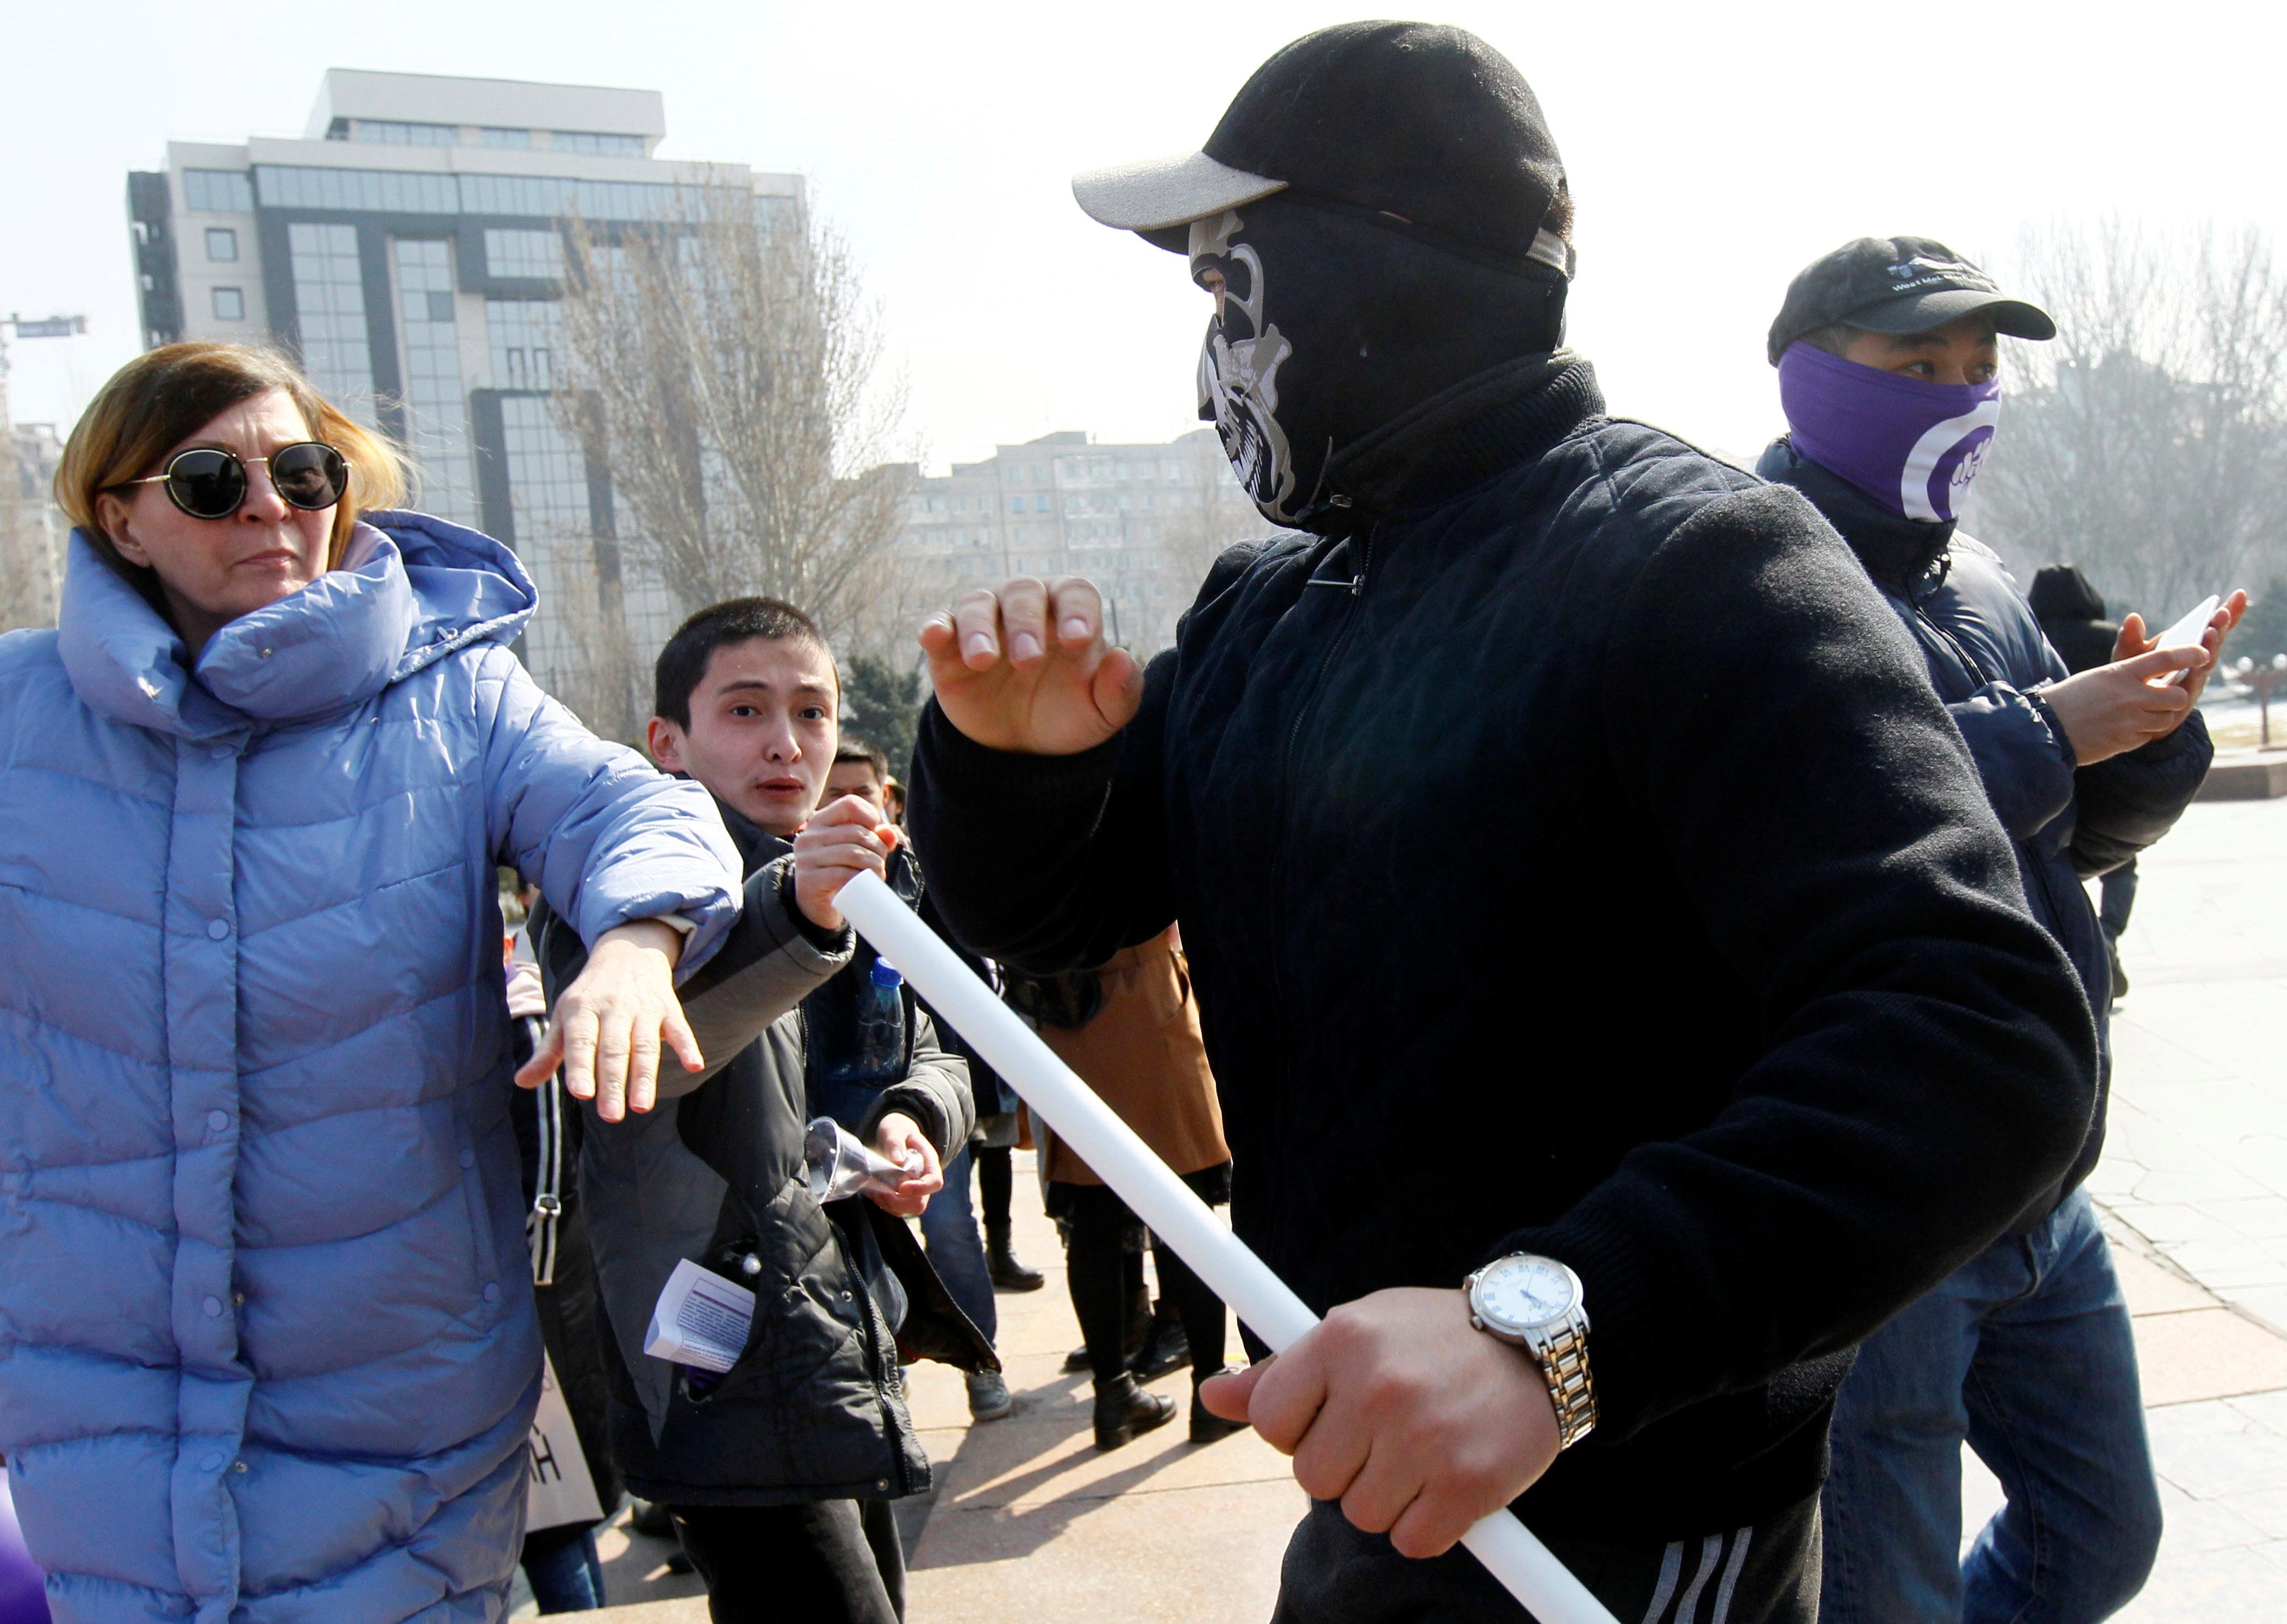 Un hombre con una máscara ataca a una mujer durante una marcha en Bishkek, Kirguistán (REUTERS/Vladimir Pirogov)